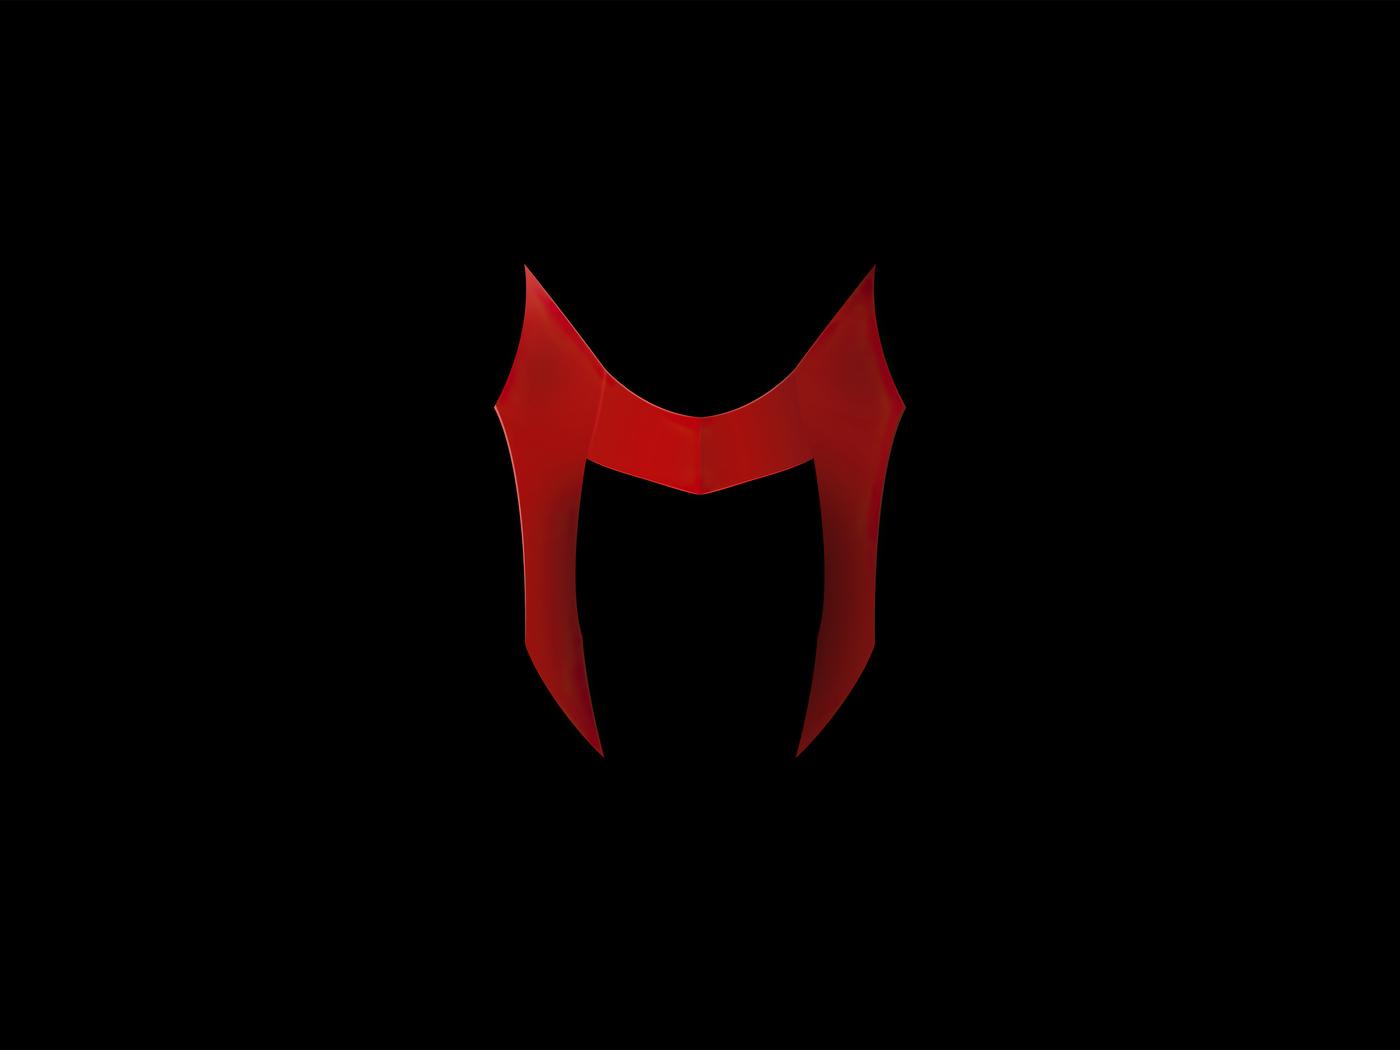 wanda-vision-minimal-logo-5k-bs.jpg